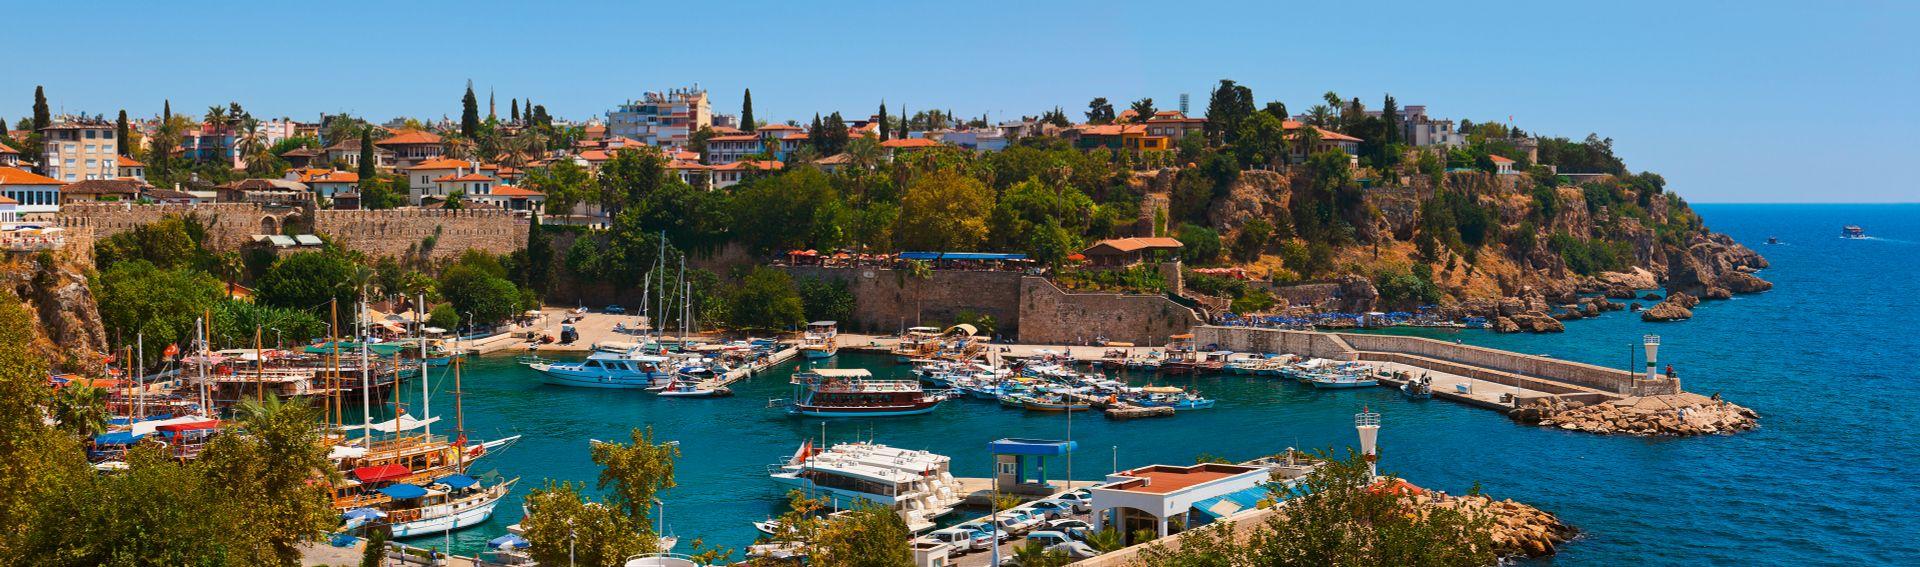 Antalya (City)